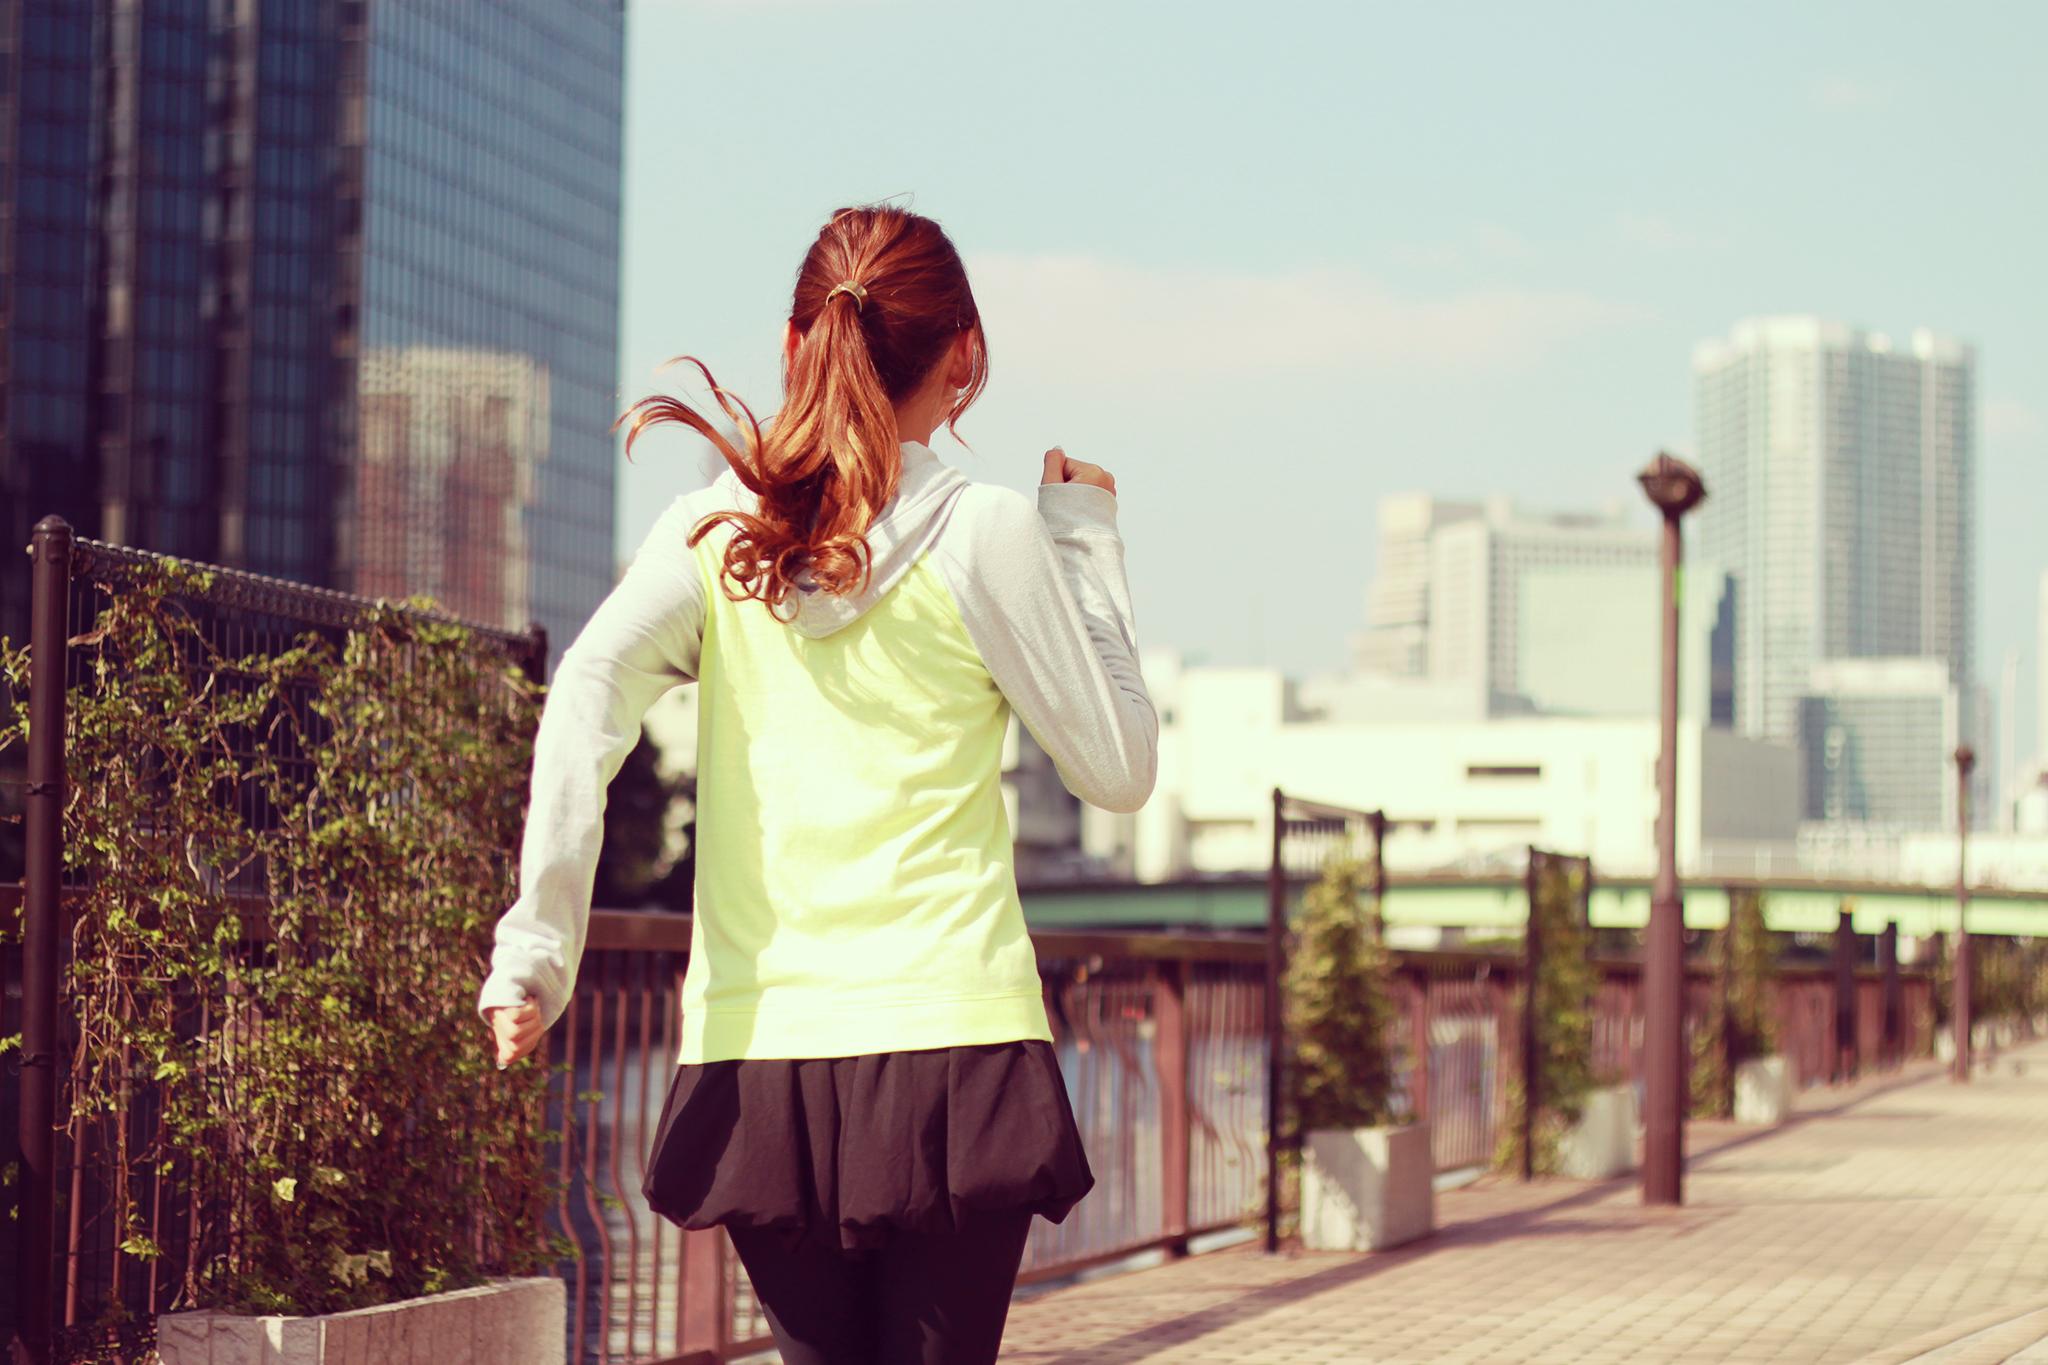 生理中 ダイエット 運動 ダメ 注意点 してはいけない事